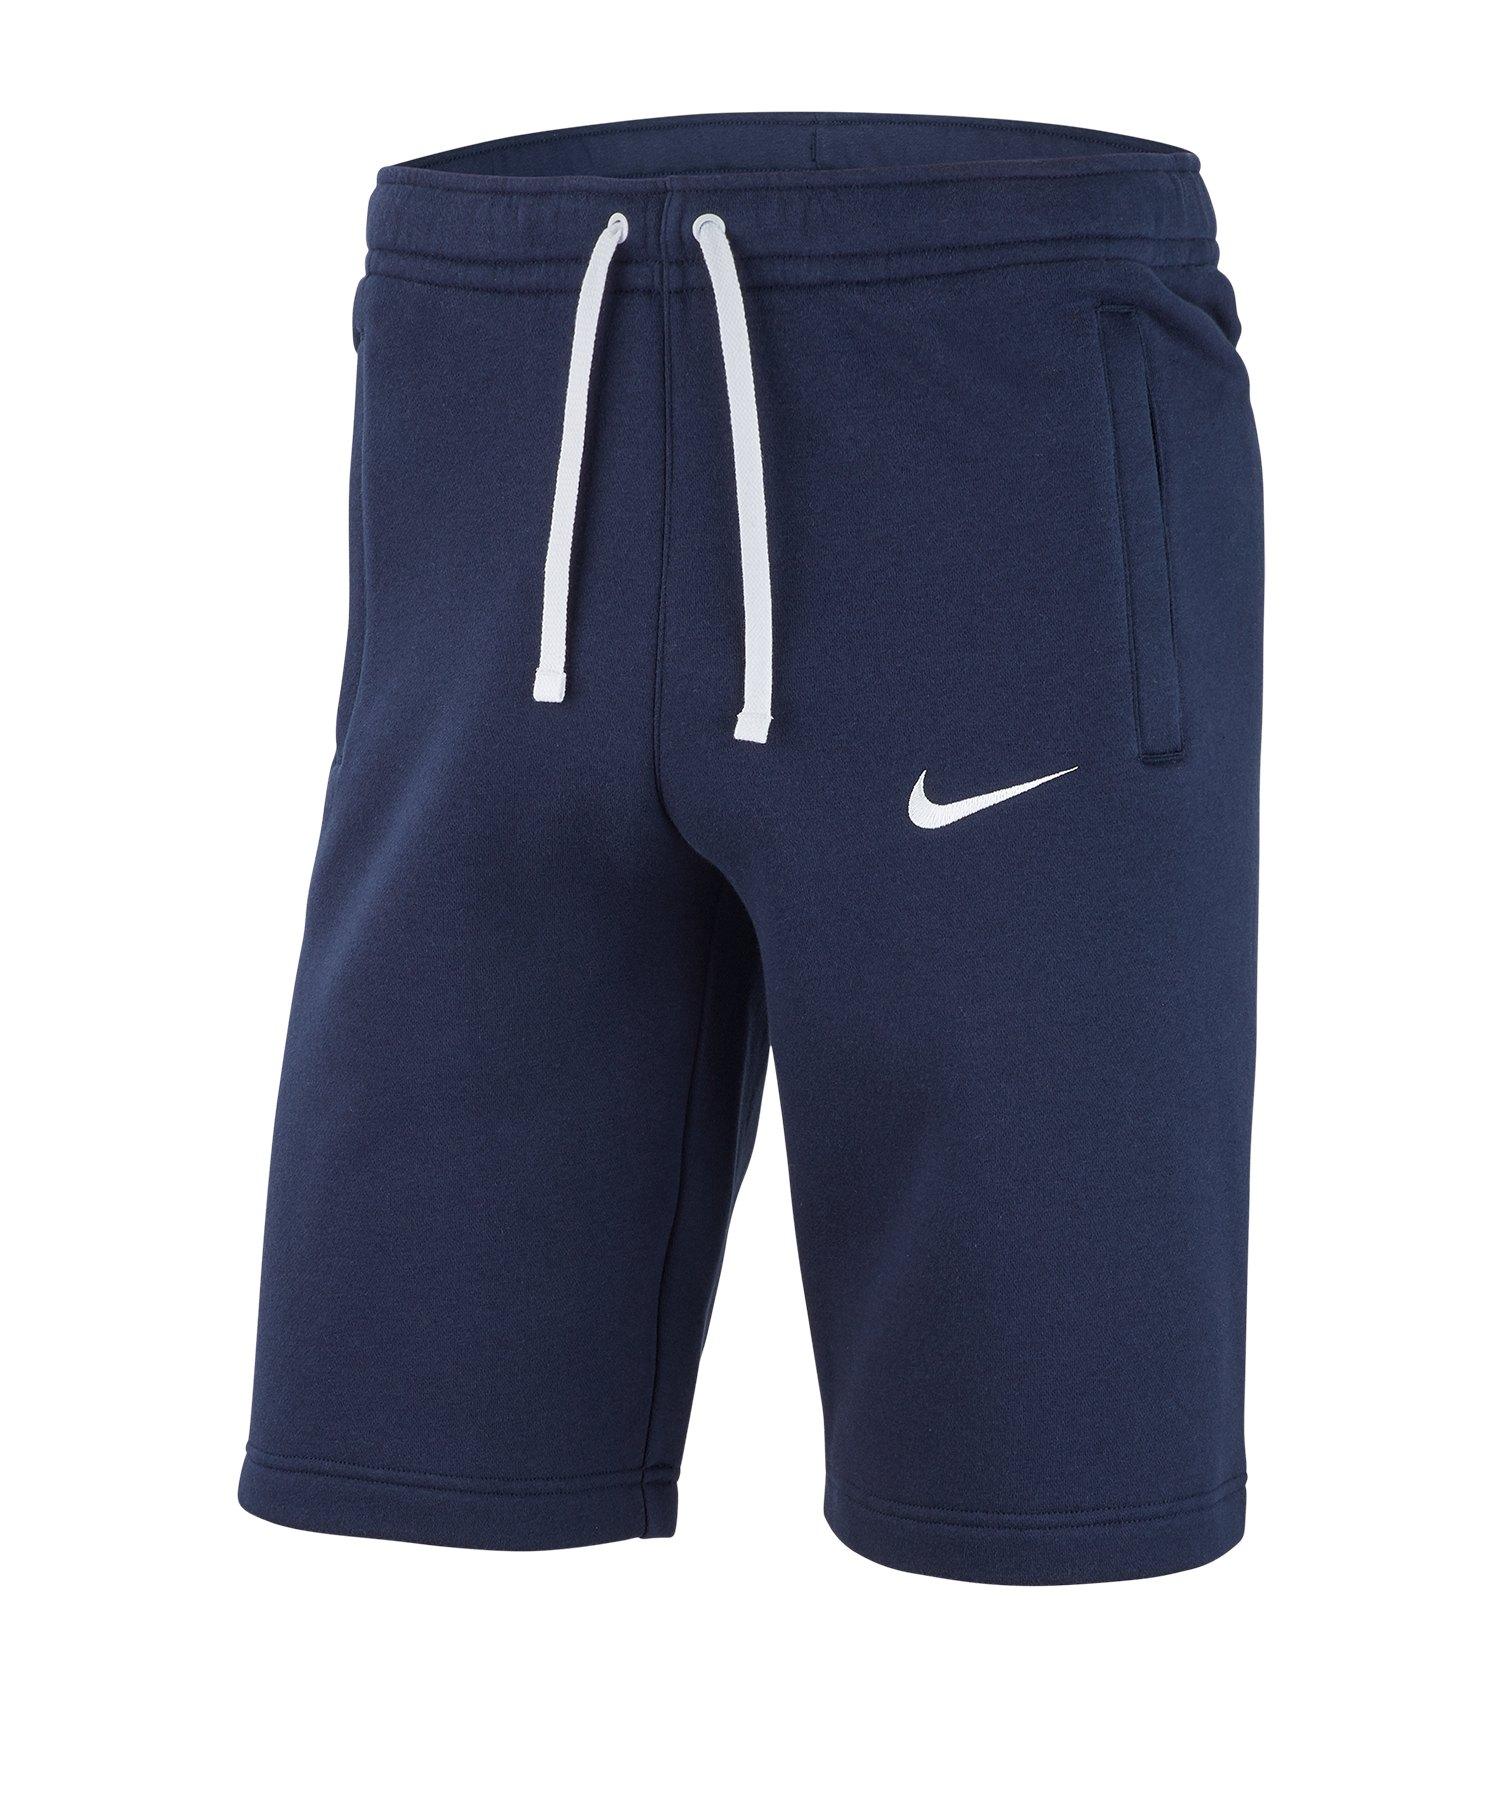 Nike Club 19 Fleece Short Kids Blau Weiss F451 - blau